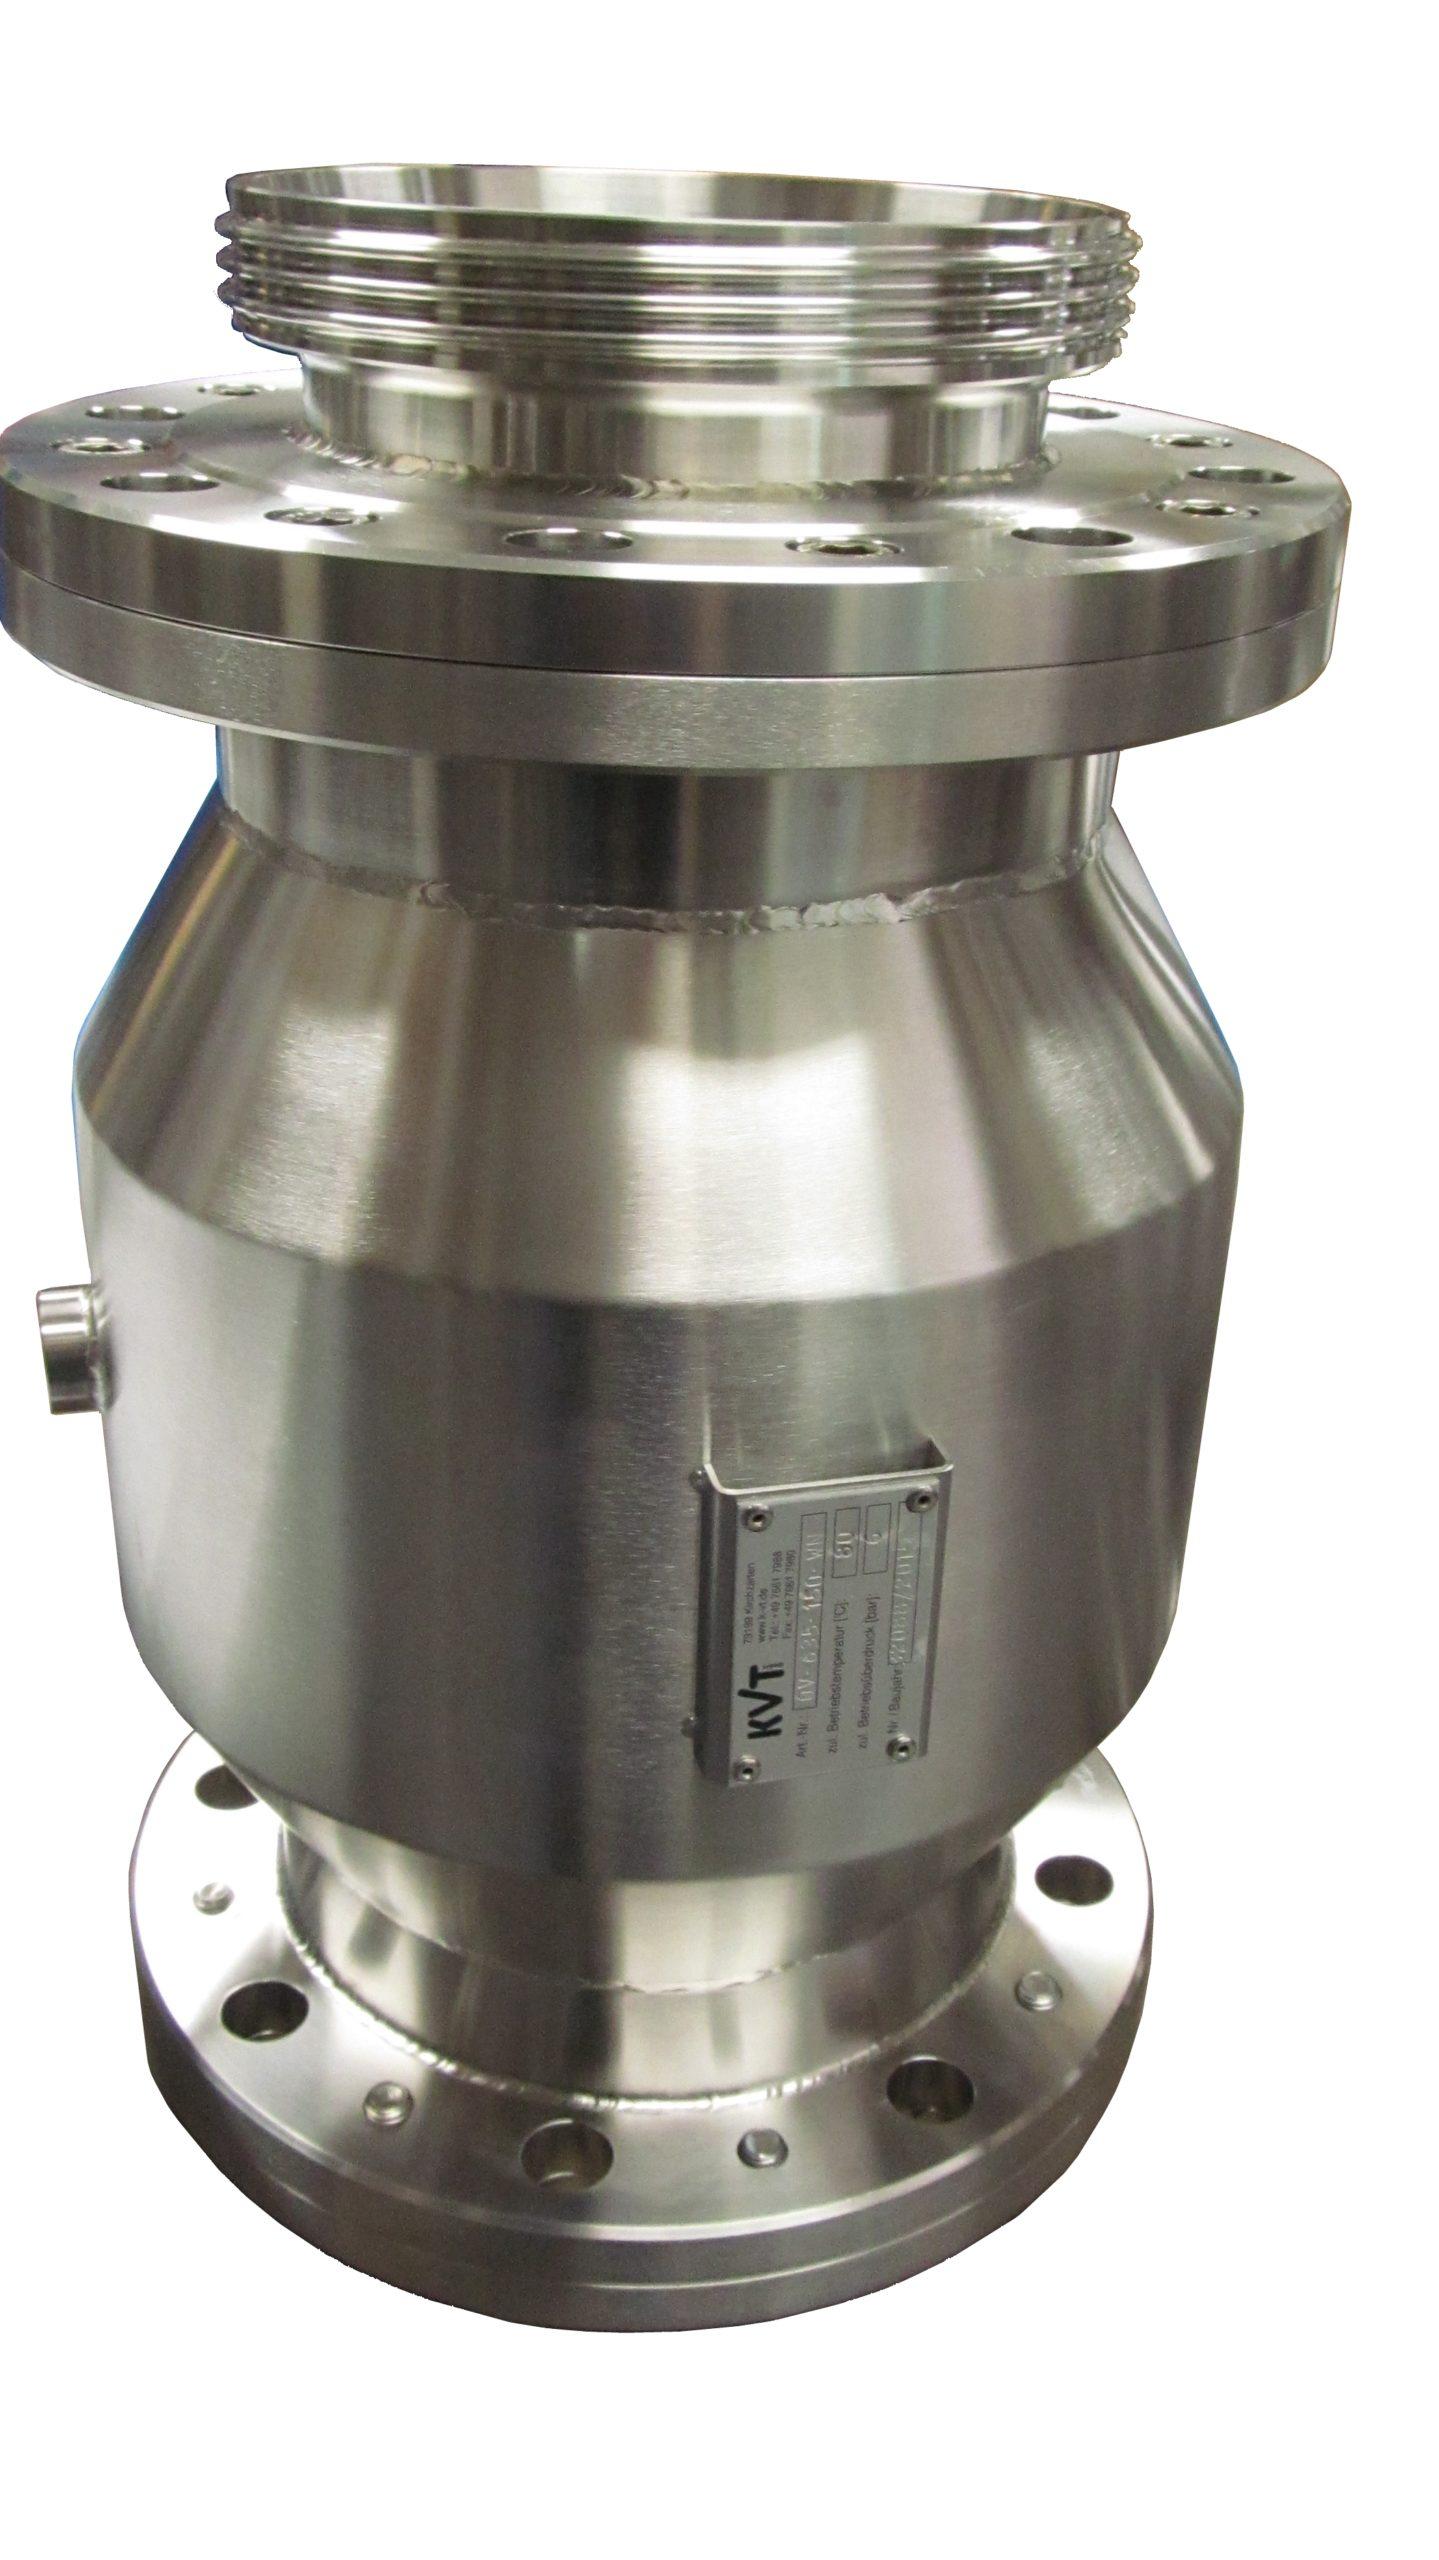 KVT Quetschventil mit Milchrohrgewinde QV-630 und QV-635 IMG_2275 A